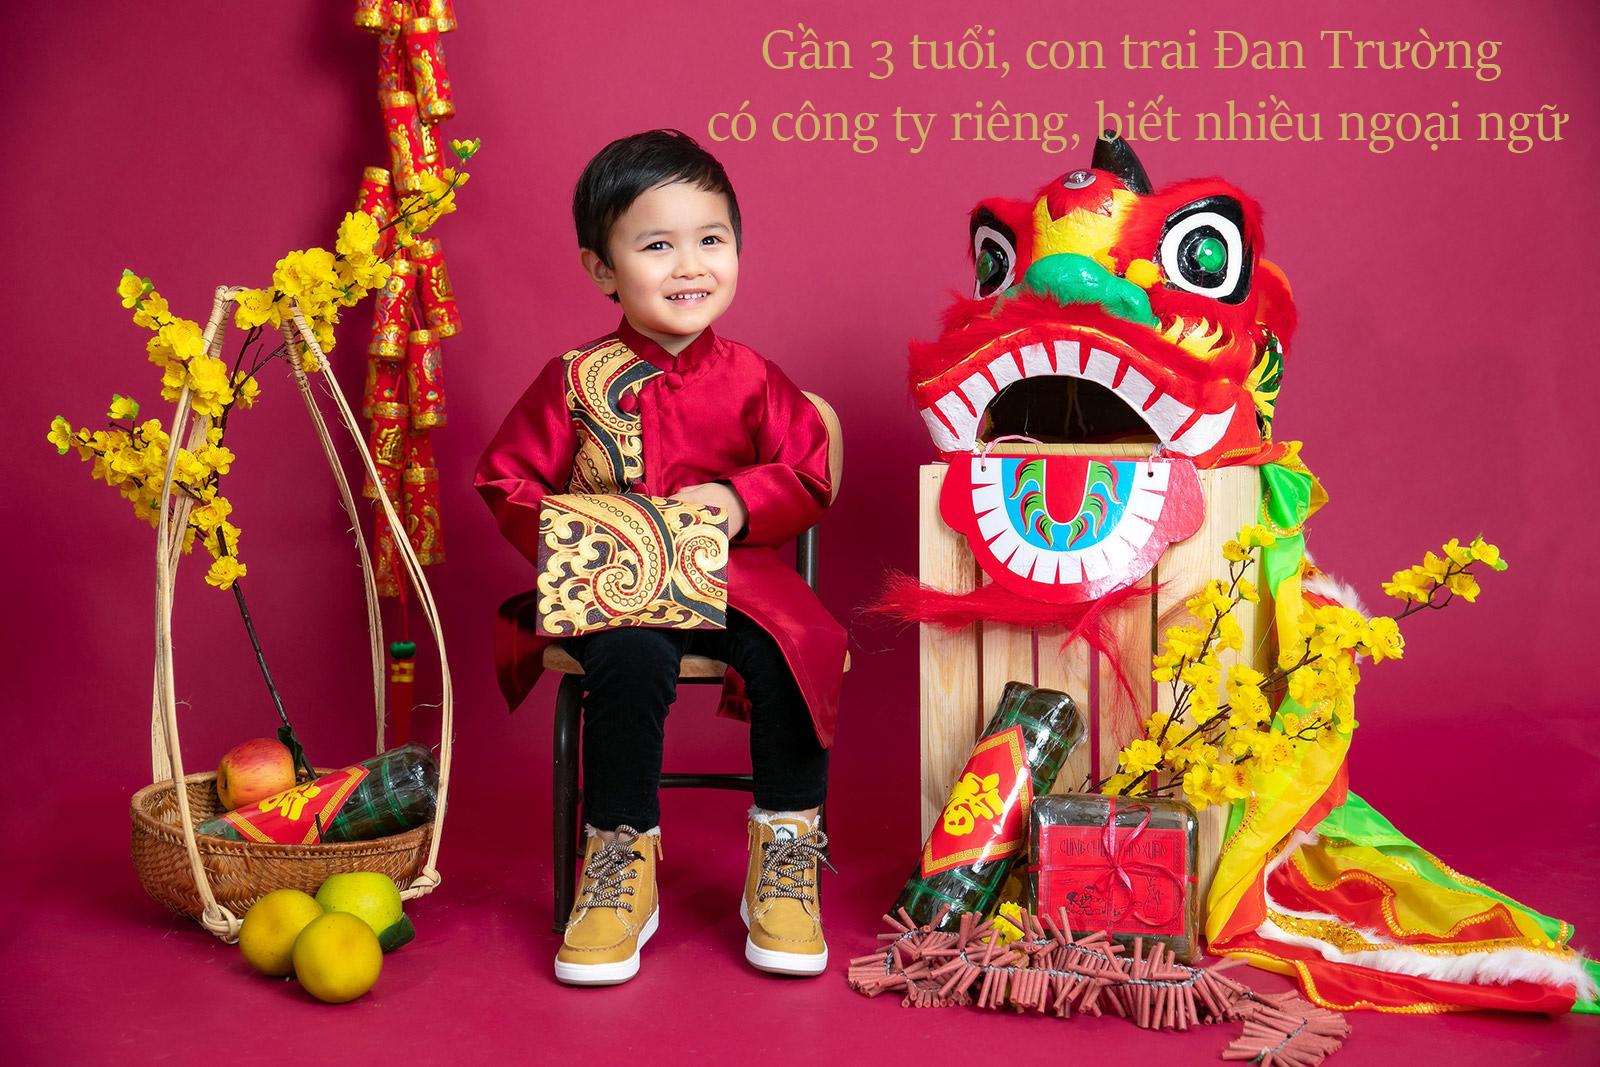 Gần 3 tuổi, con trai Đan Trường đã có công ty riêng, biết nói nhiều ngoại ngữ - 1